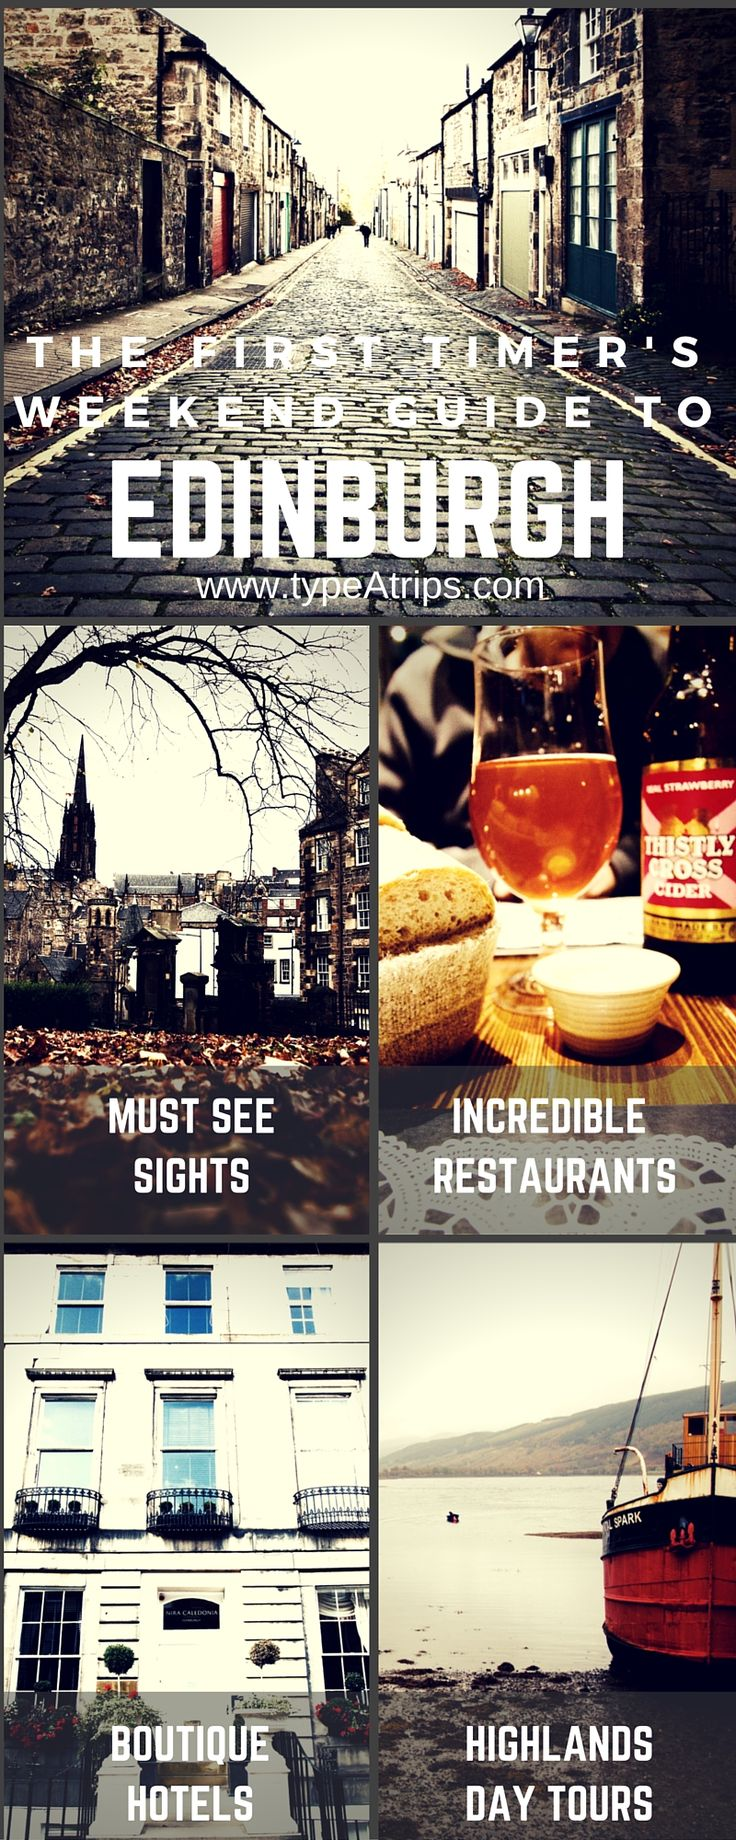 La Guía del Fin de Semana para Edimburgo, Escocia | Planificación de una parada rápida a través de Edimburgo en su camino por Europa? Echa un vistazo a mi guía de viaje rápido para qué hacer, dónde alojarse y cómo moverse en esta majestuosa ciudad. Todo lo que necesitas es unos días en Edimburgo para enamorarse como yo